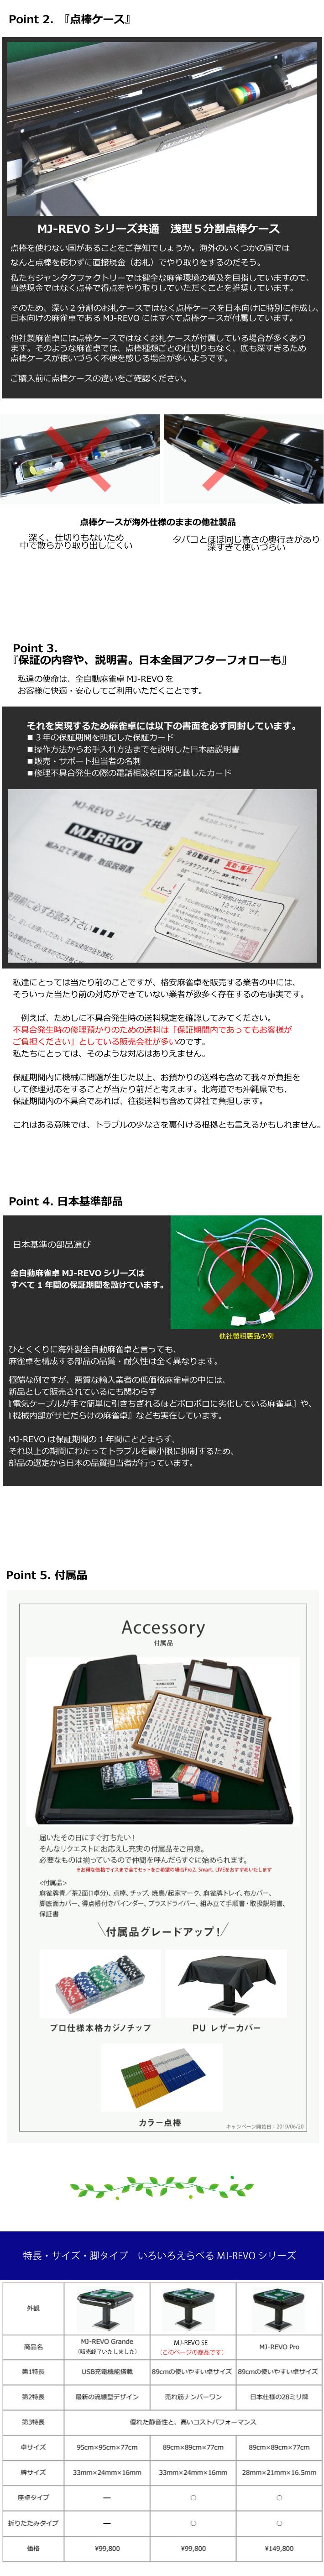 se_picturepage3.jpg